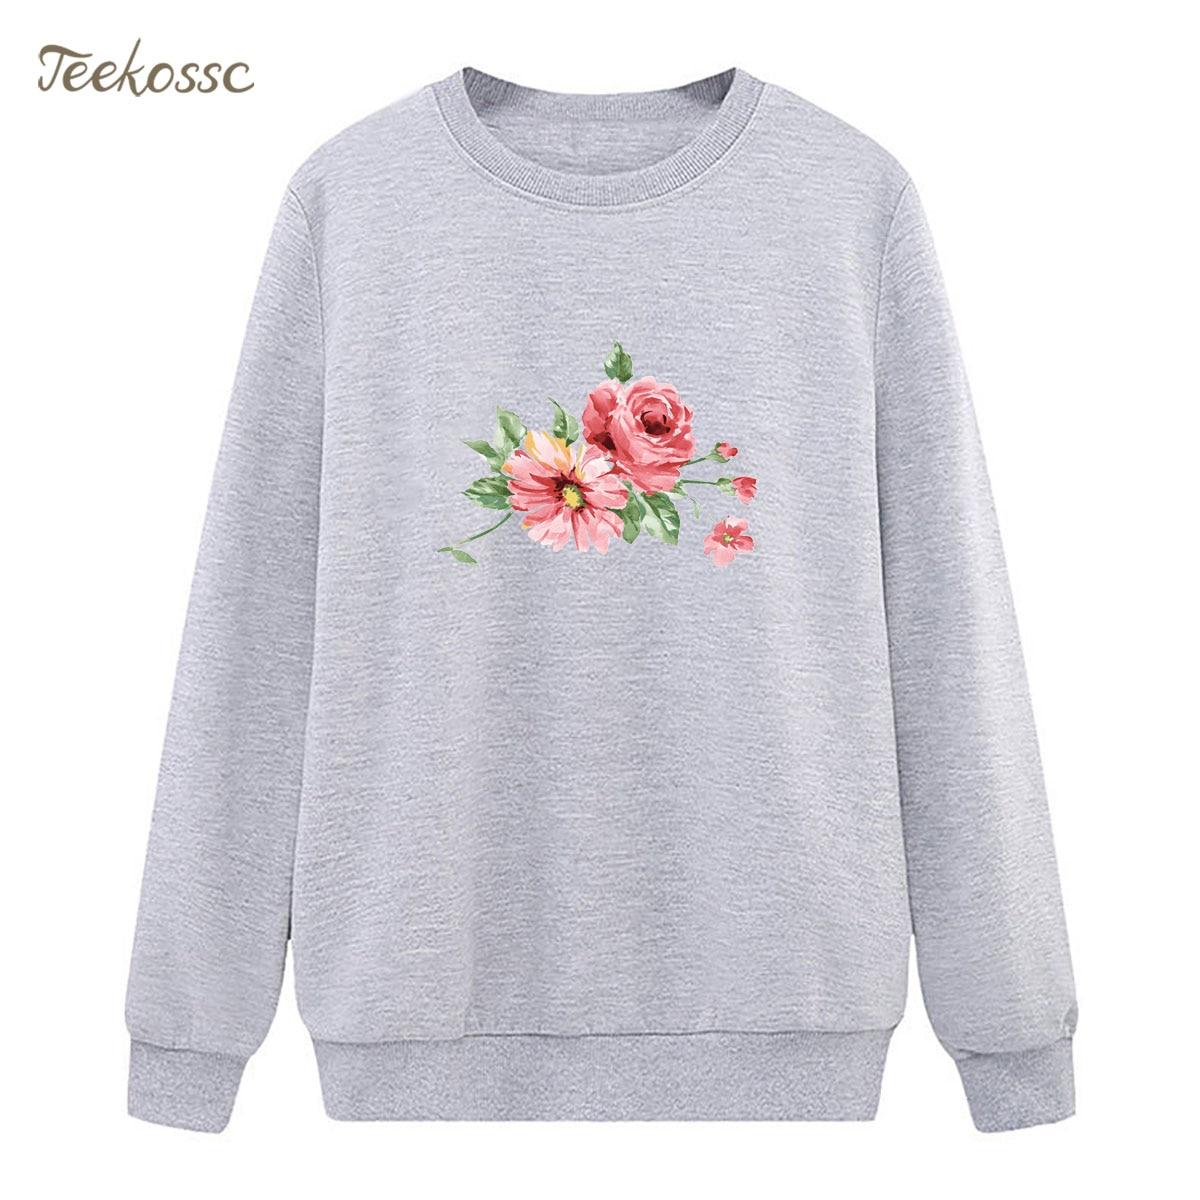 Ink Flowers Sweatshirt Print Hoodie 2018 Winter Autumn Women Lasdies Pullover Fleece Warm Loose Vivid Chinese Style Streetwear